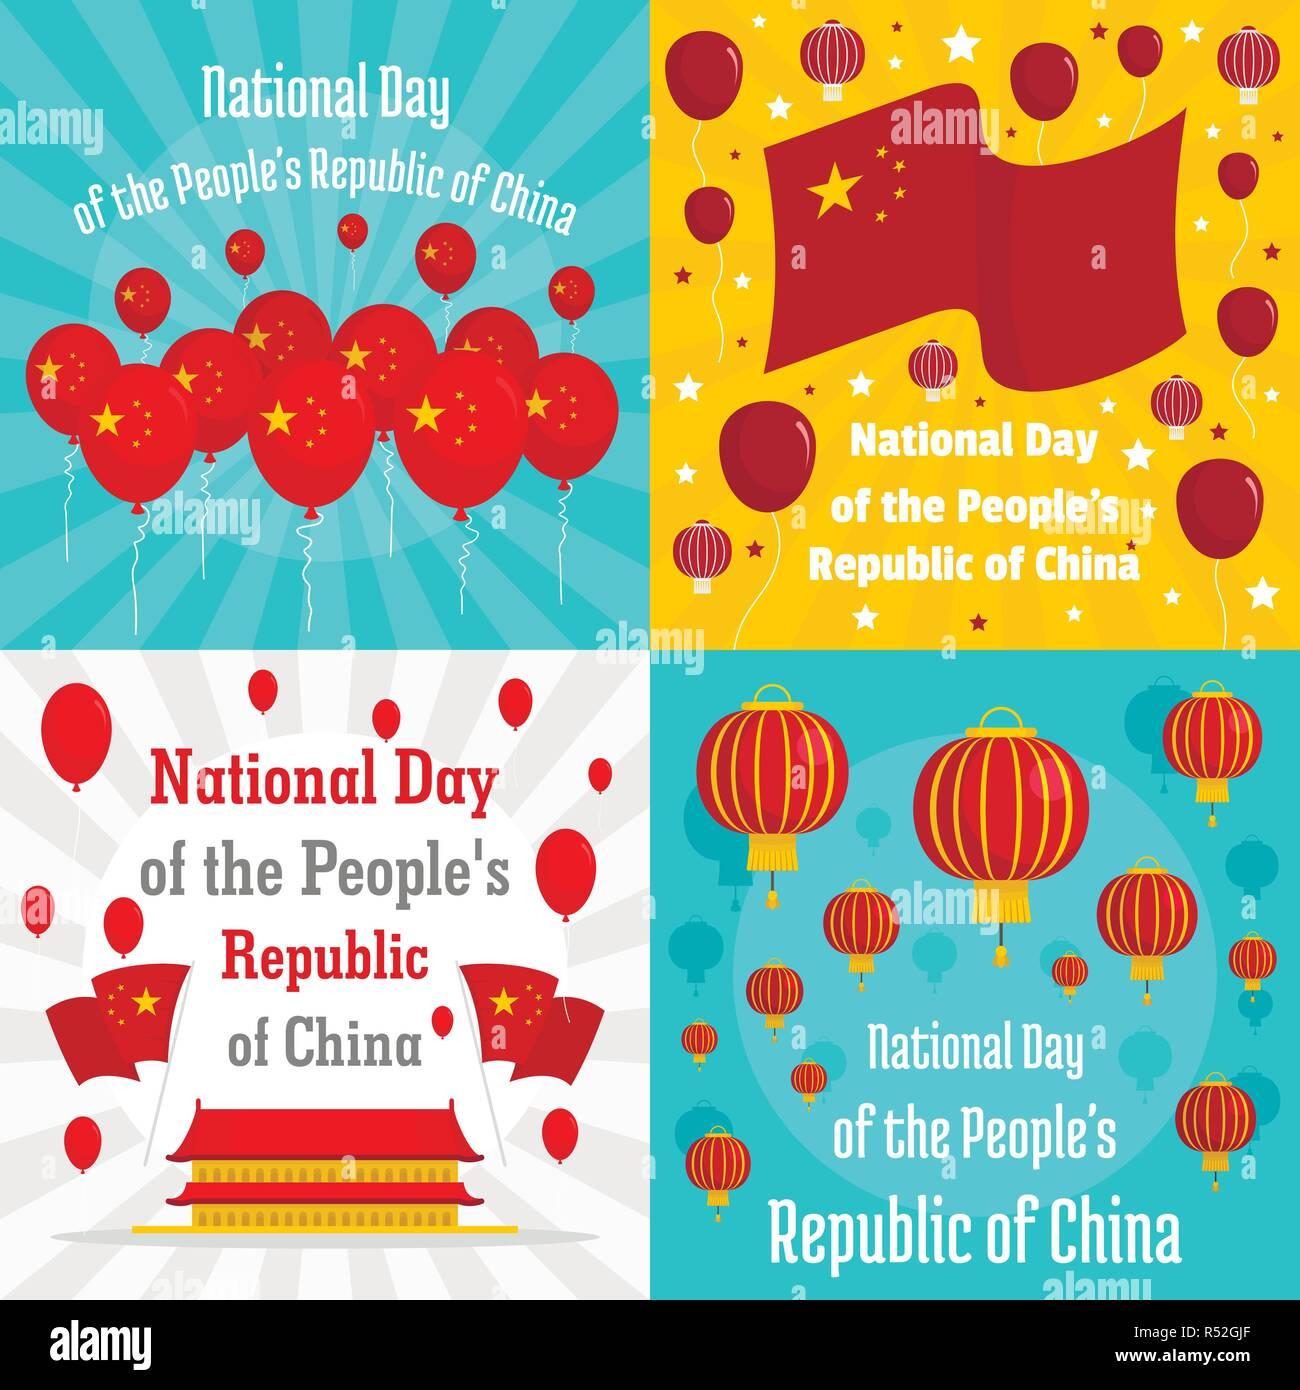 China Labor Day Celebration Stock Photos China Labor Day